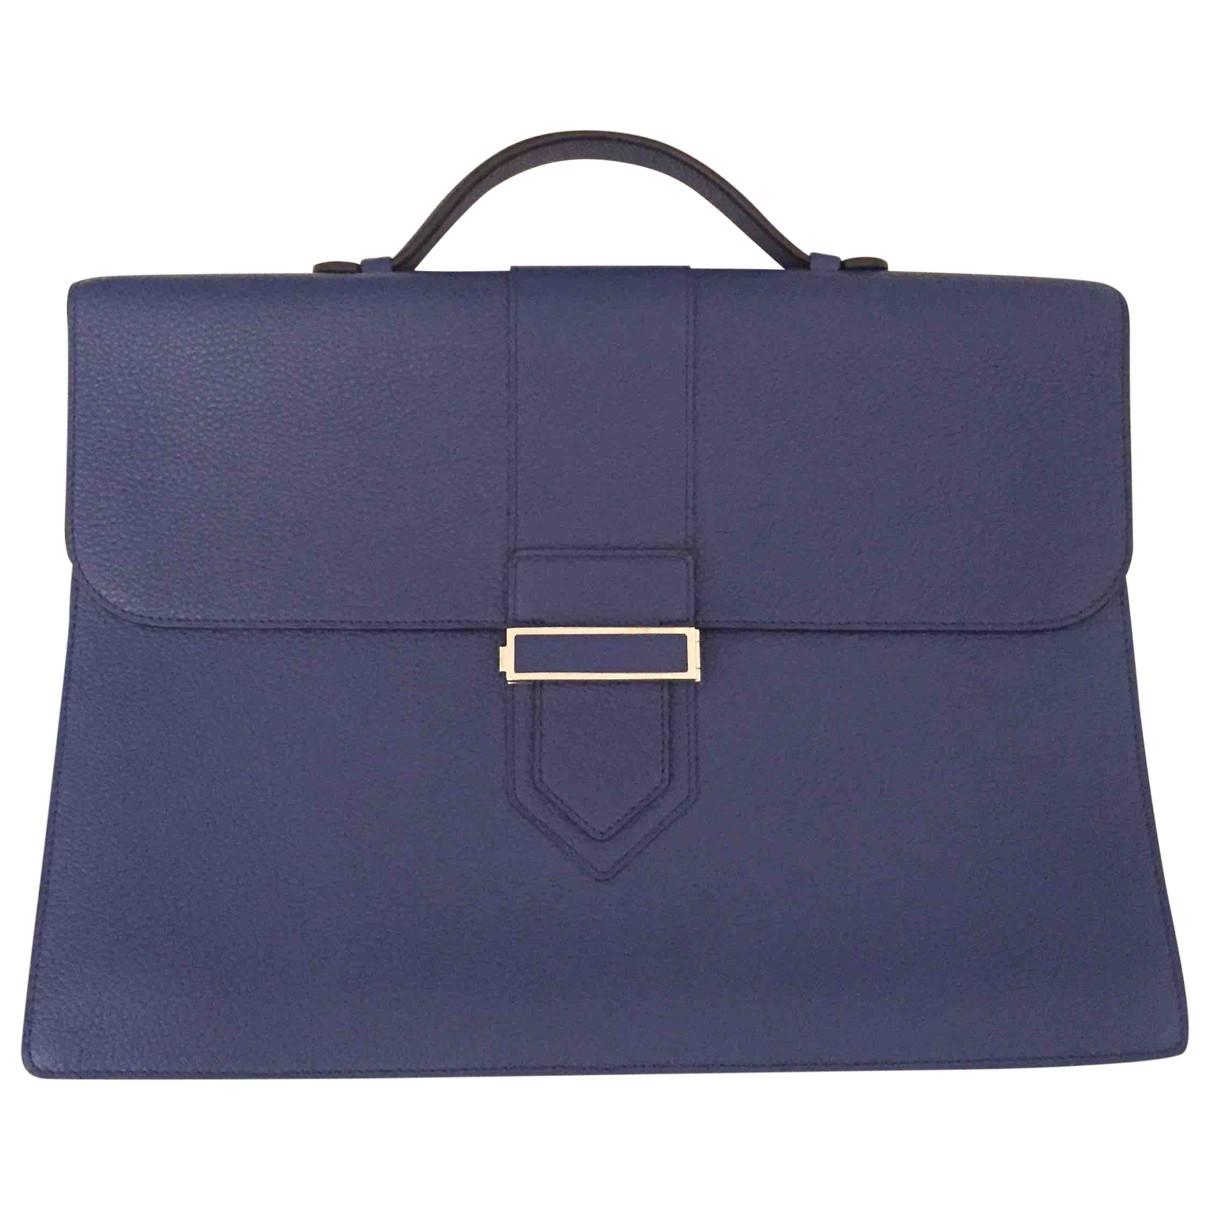 Delvaux \N Blue Leather bag for Men \N